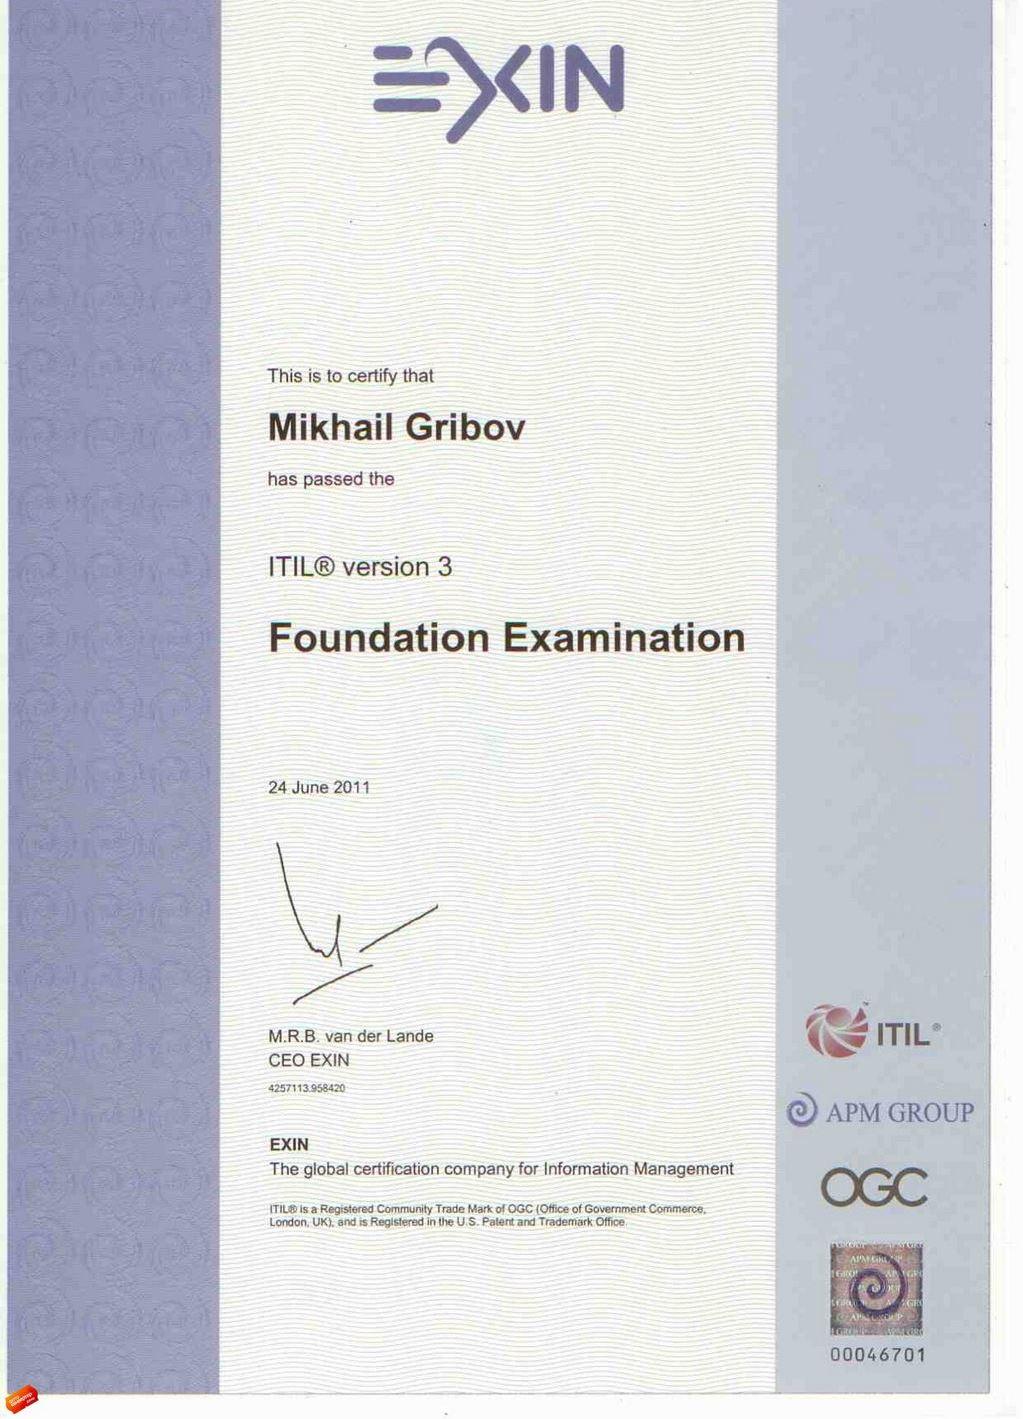 Сертификация компании по itil сертификация экологических услуг в краснодаре